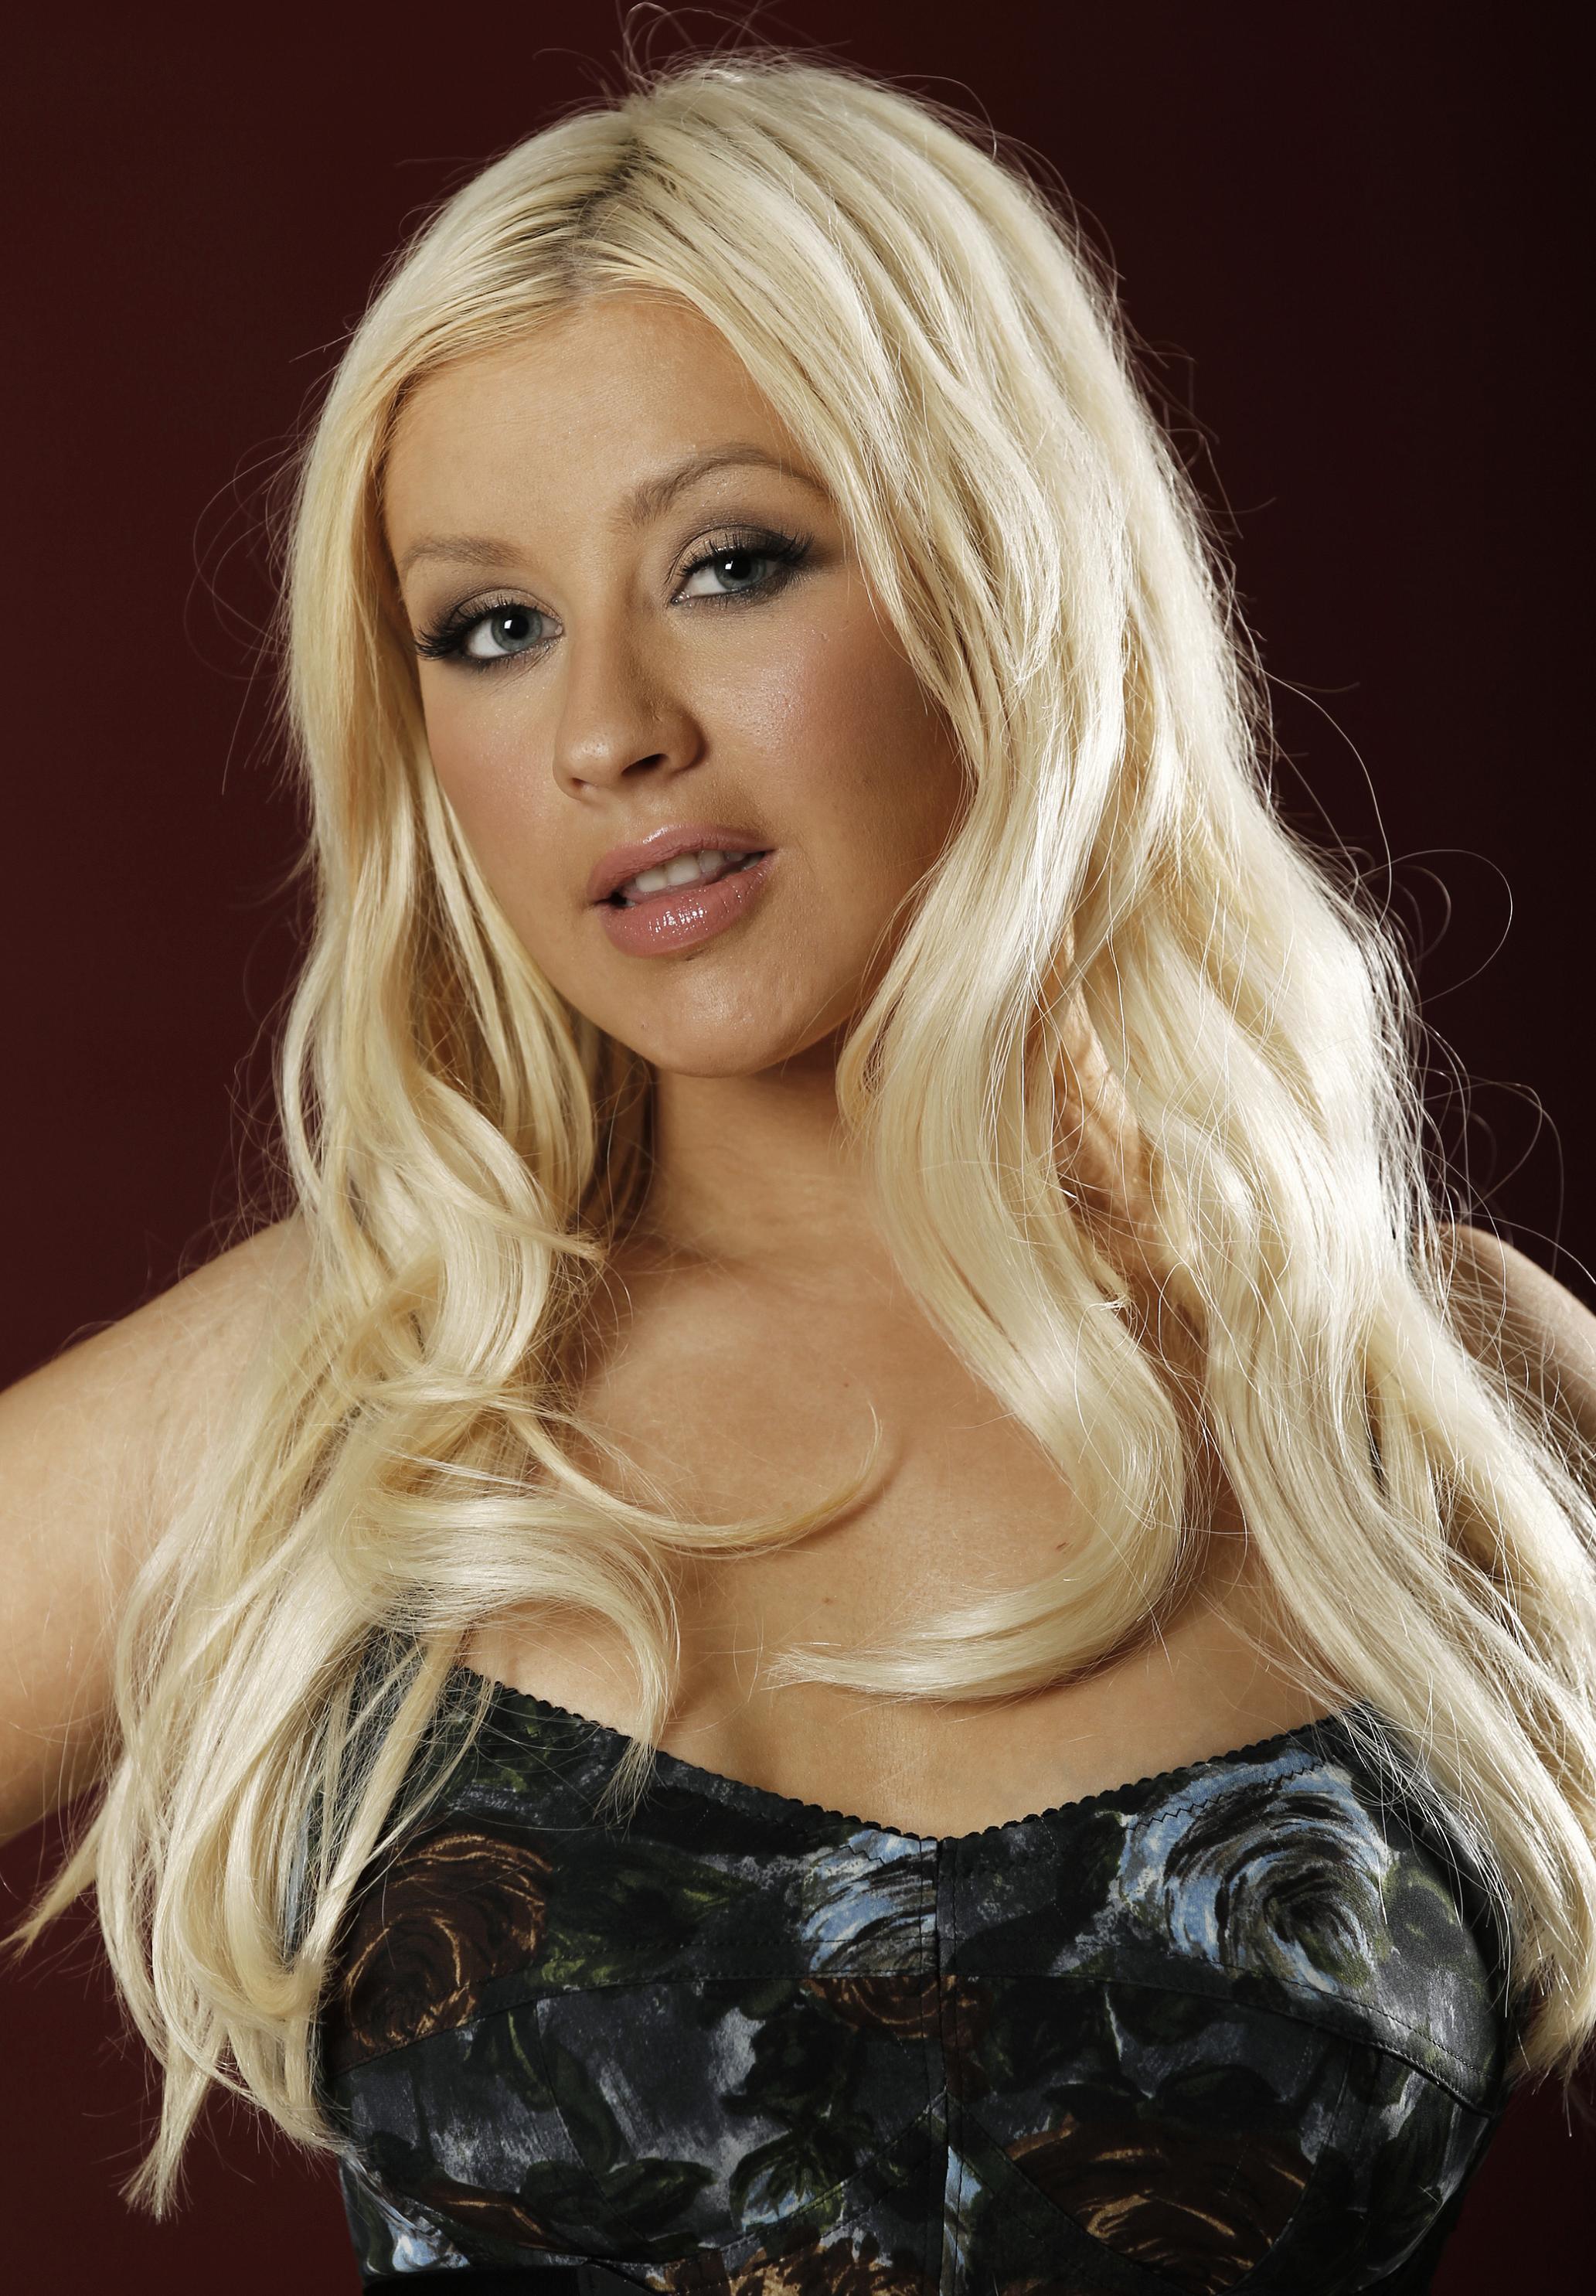 Christina Aguilera dating 2012